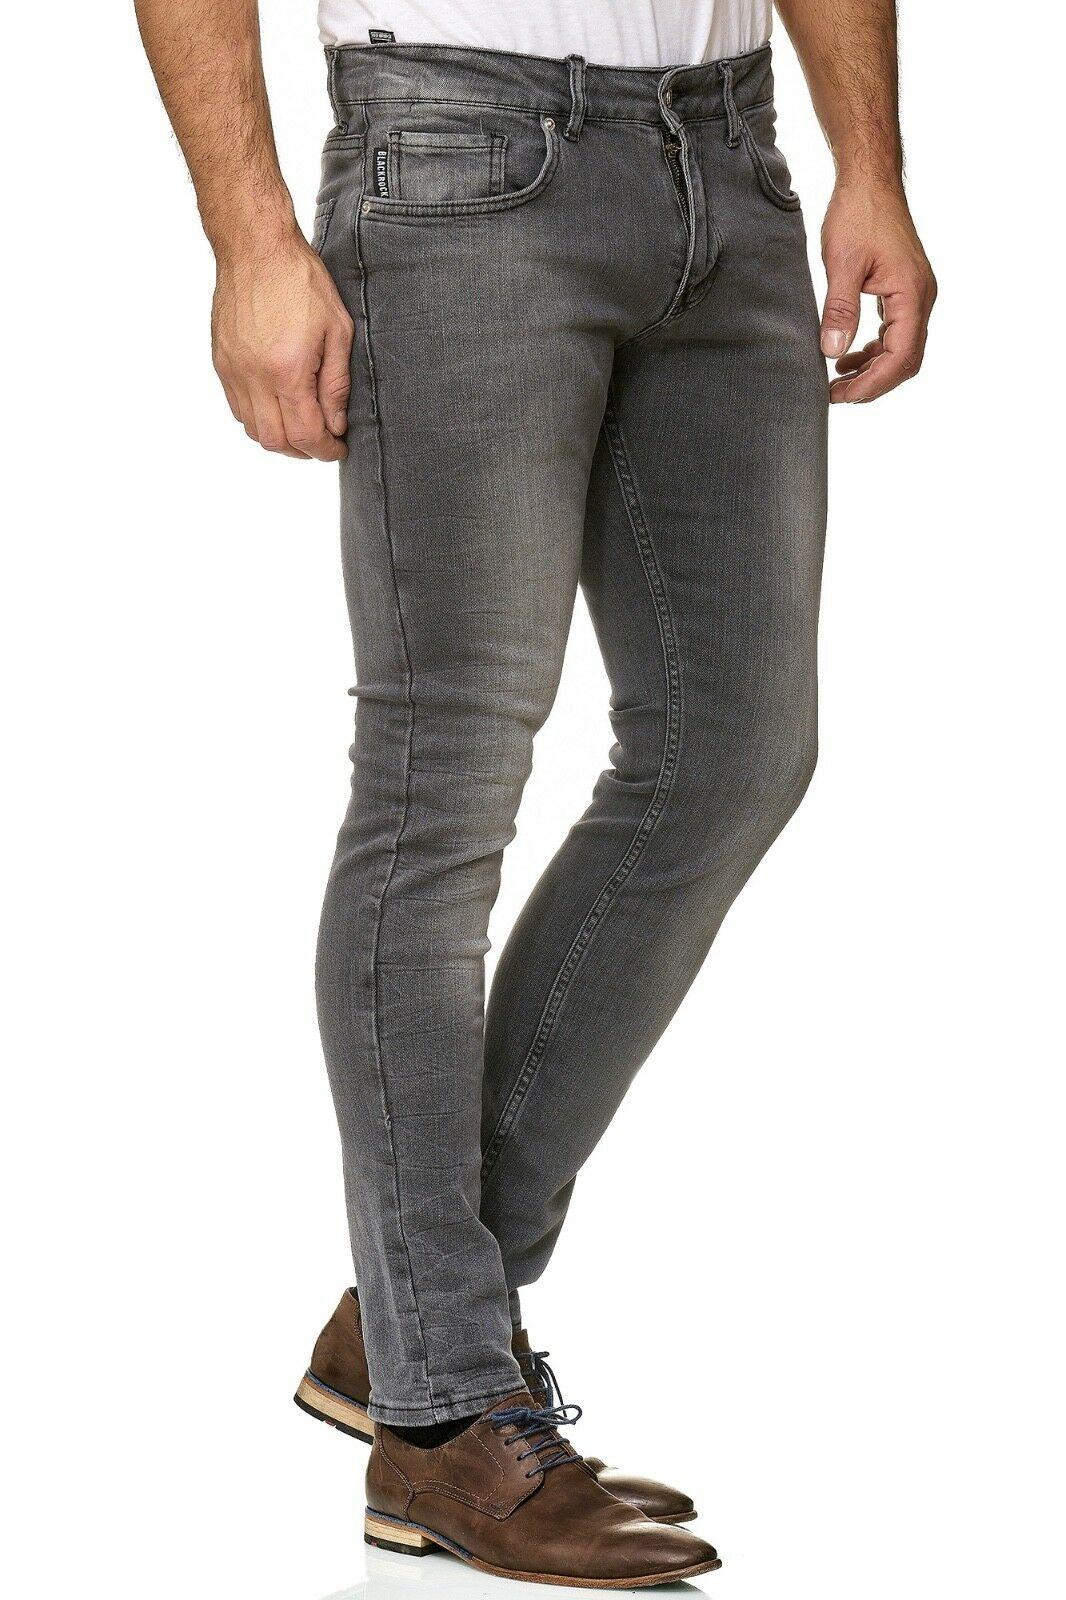 Herren-Jeanshosen-Stretch-Hose-Slim-fit-SKINNY-Jeans-Blau-Schwarz-Grau-Weiss Indexbild 34